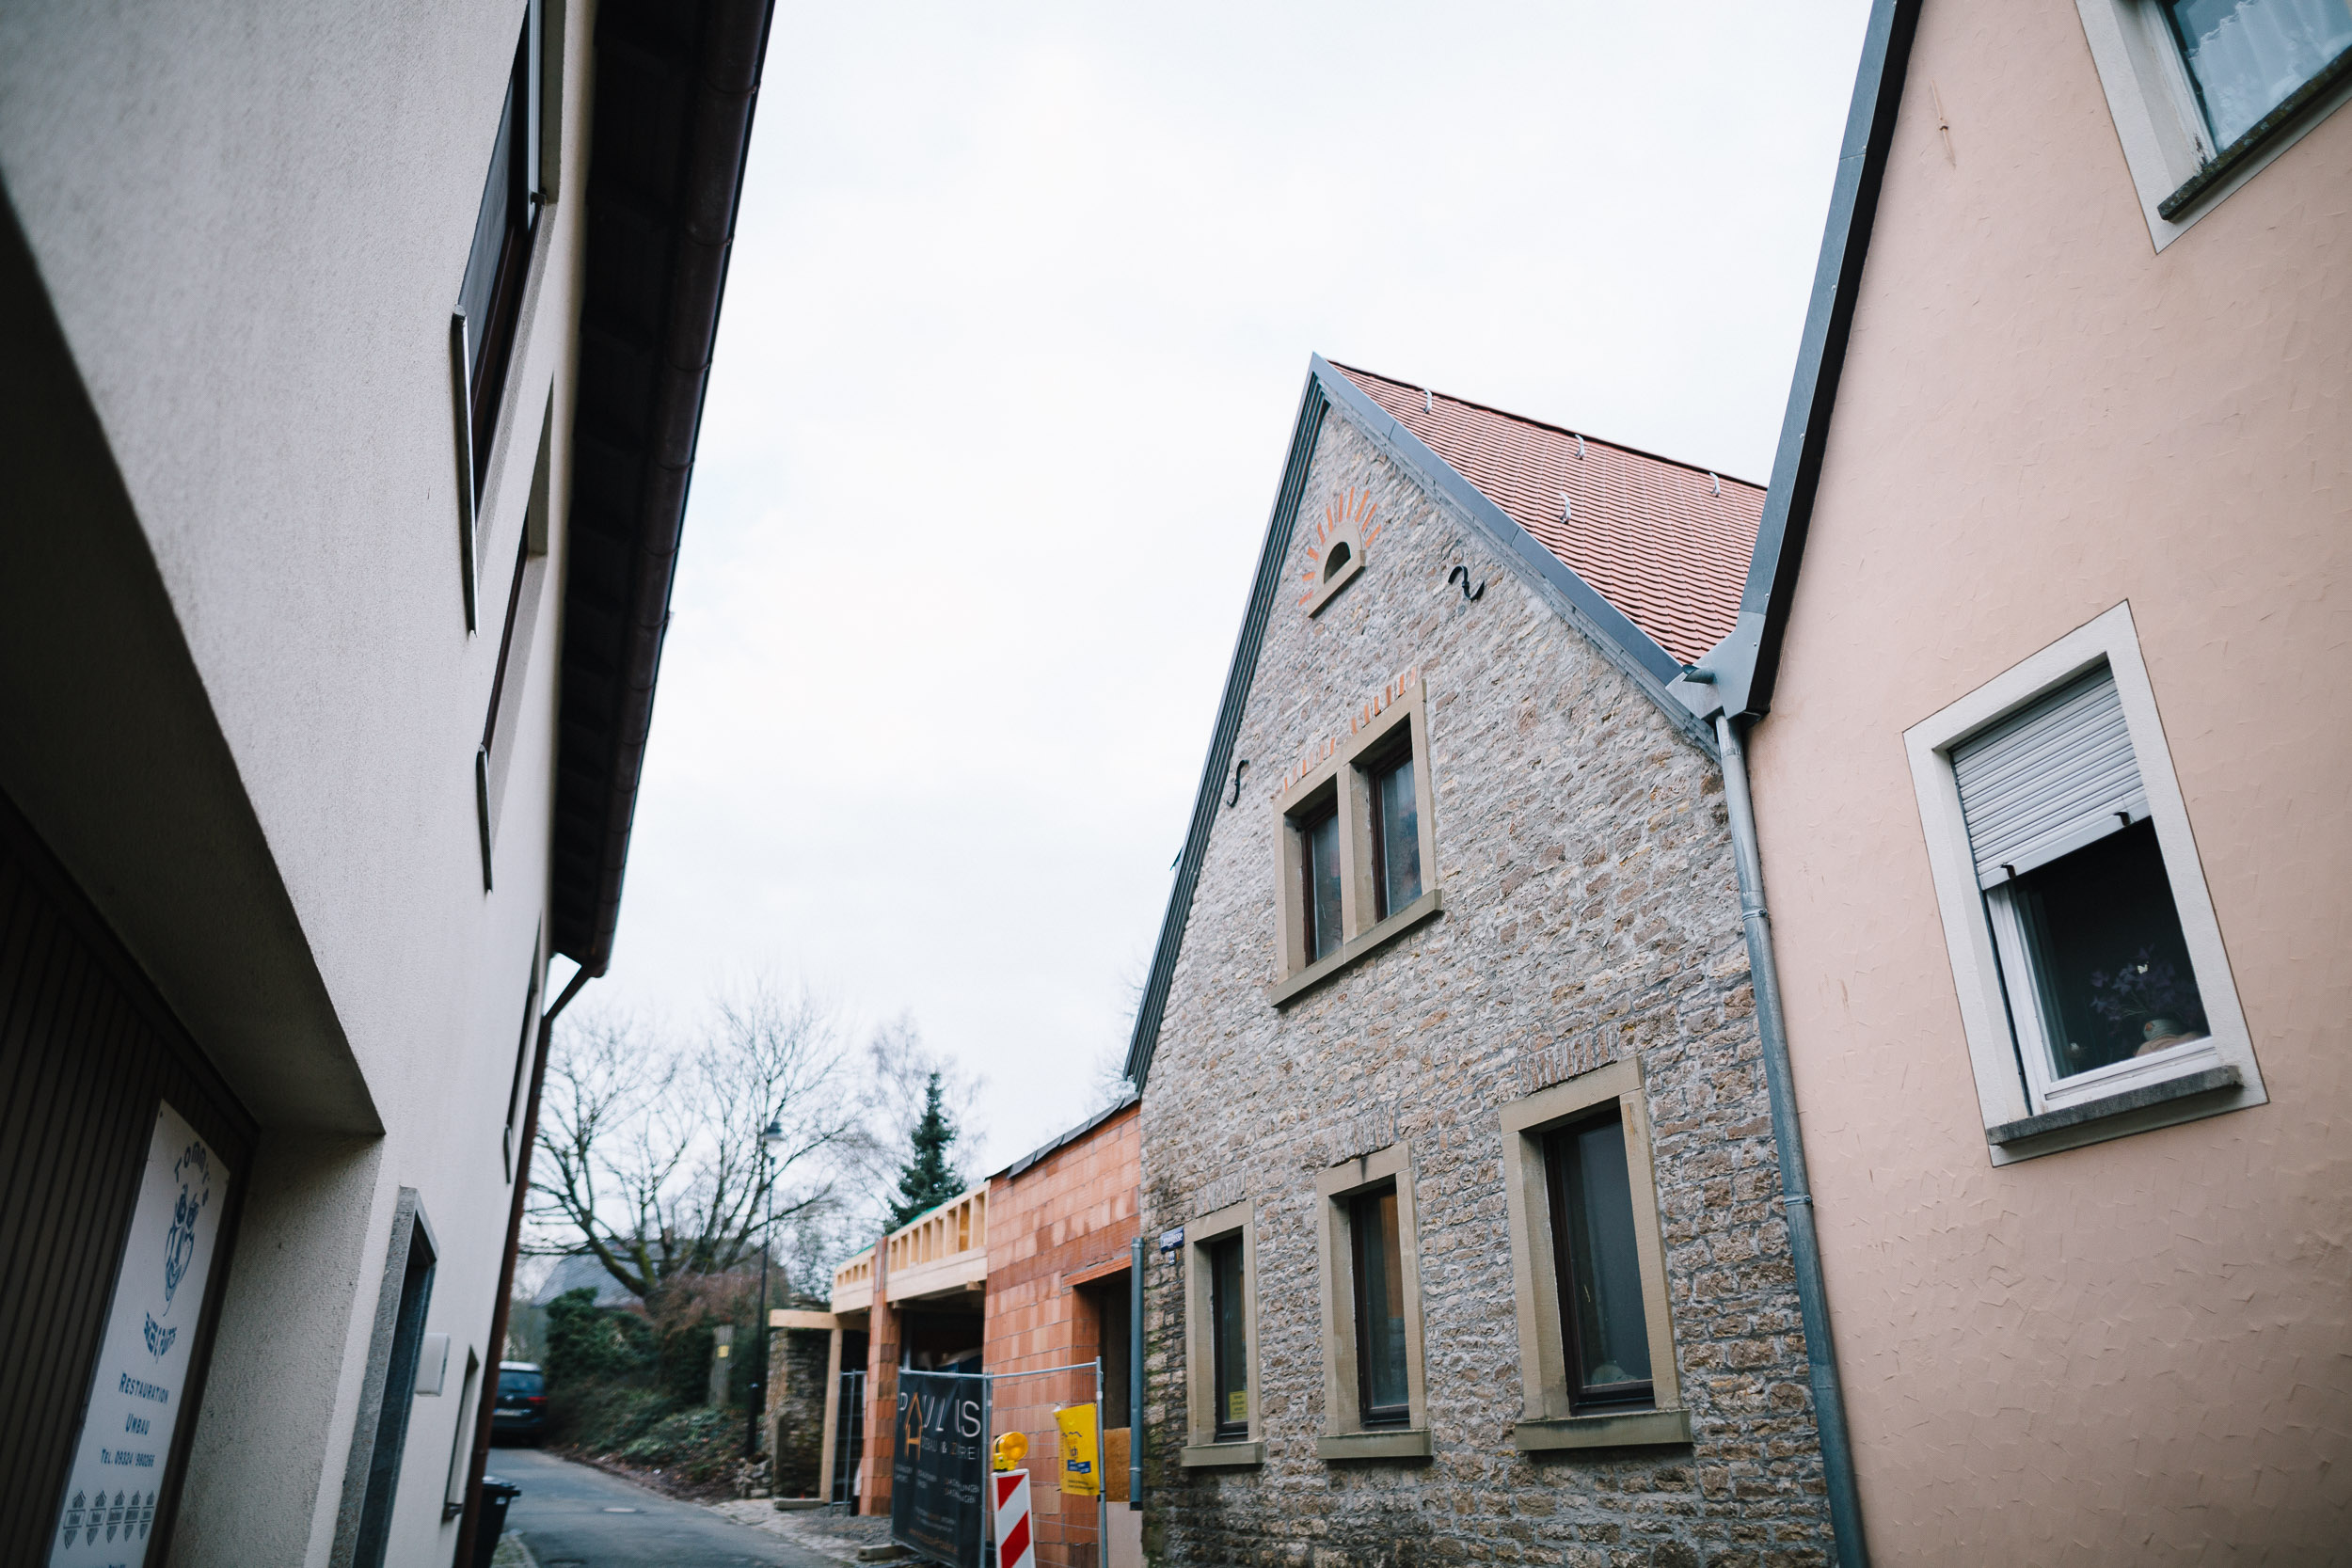 ISOVER-Steildach-Challenge-Dettelbach-008.jpg